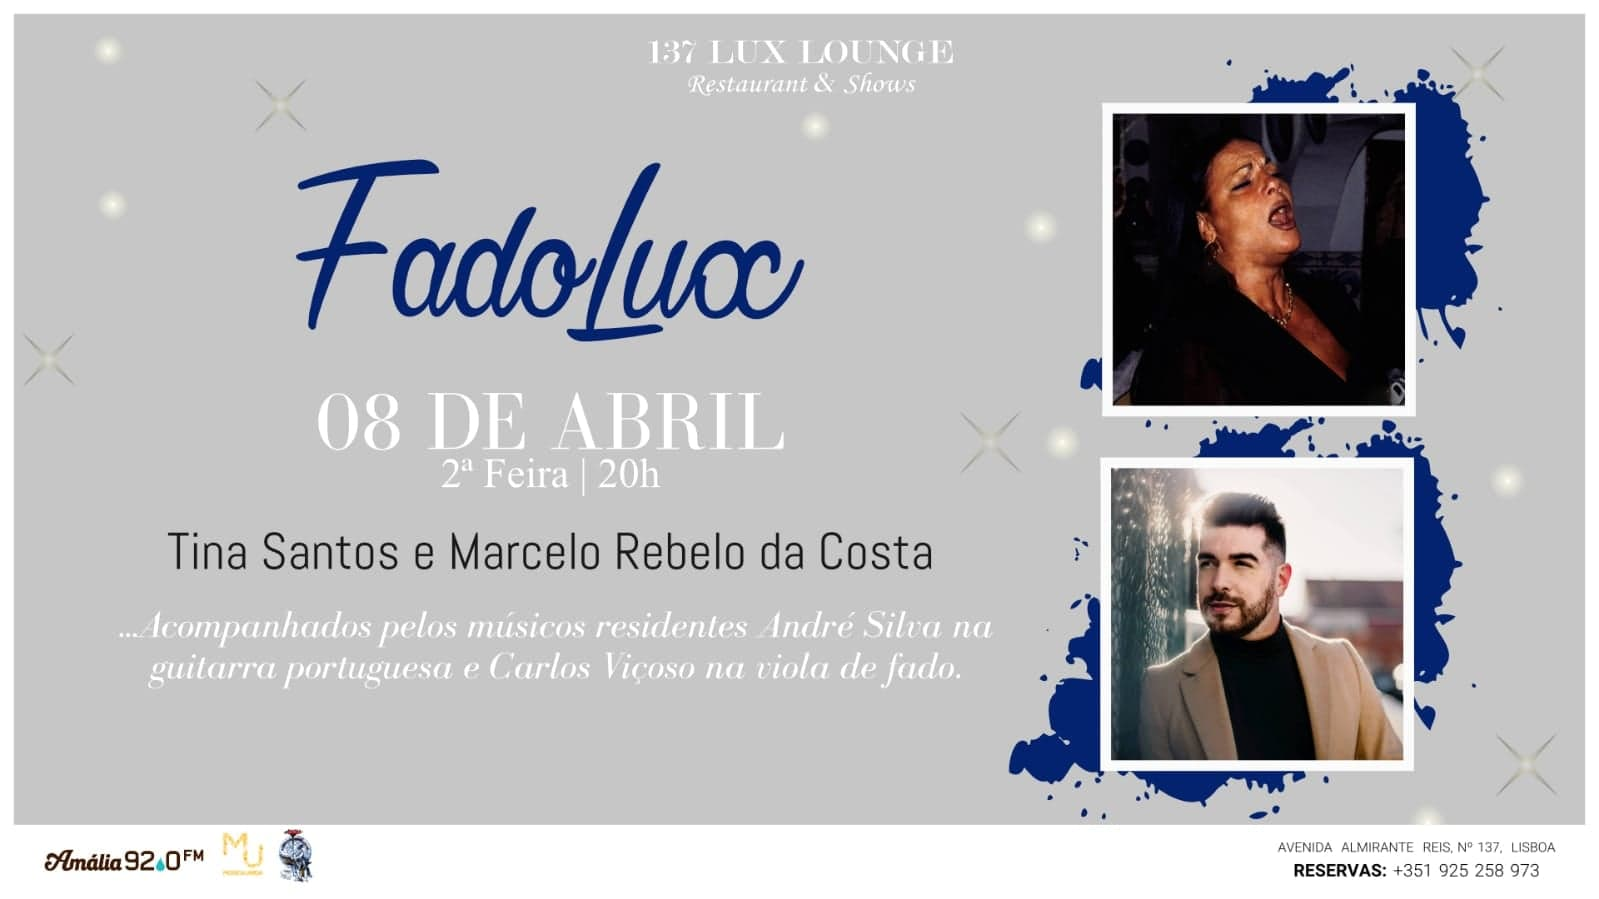 FadoLux 8 Abril